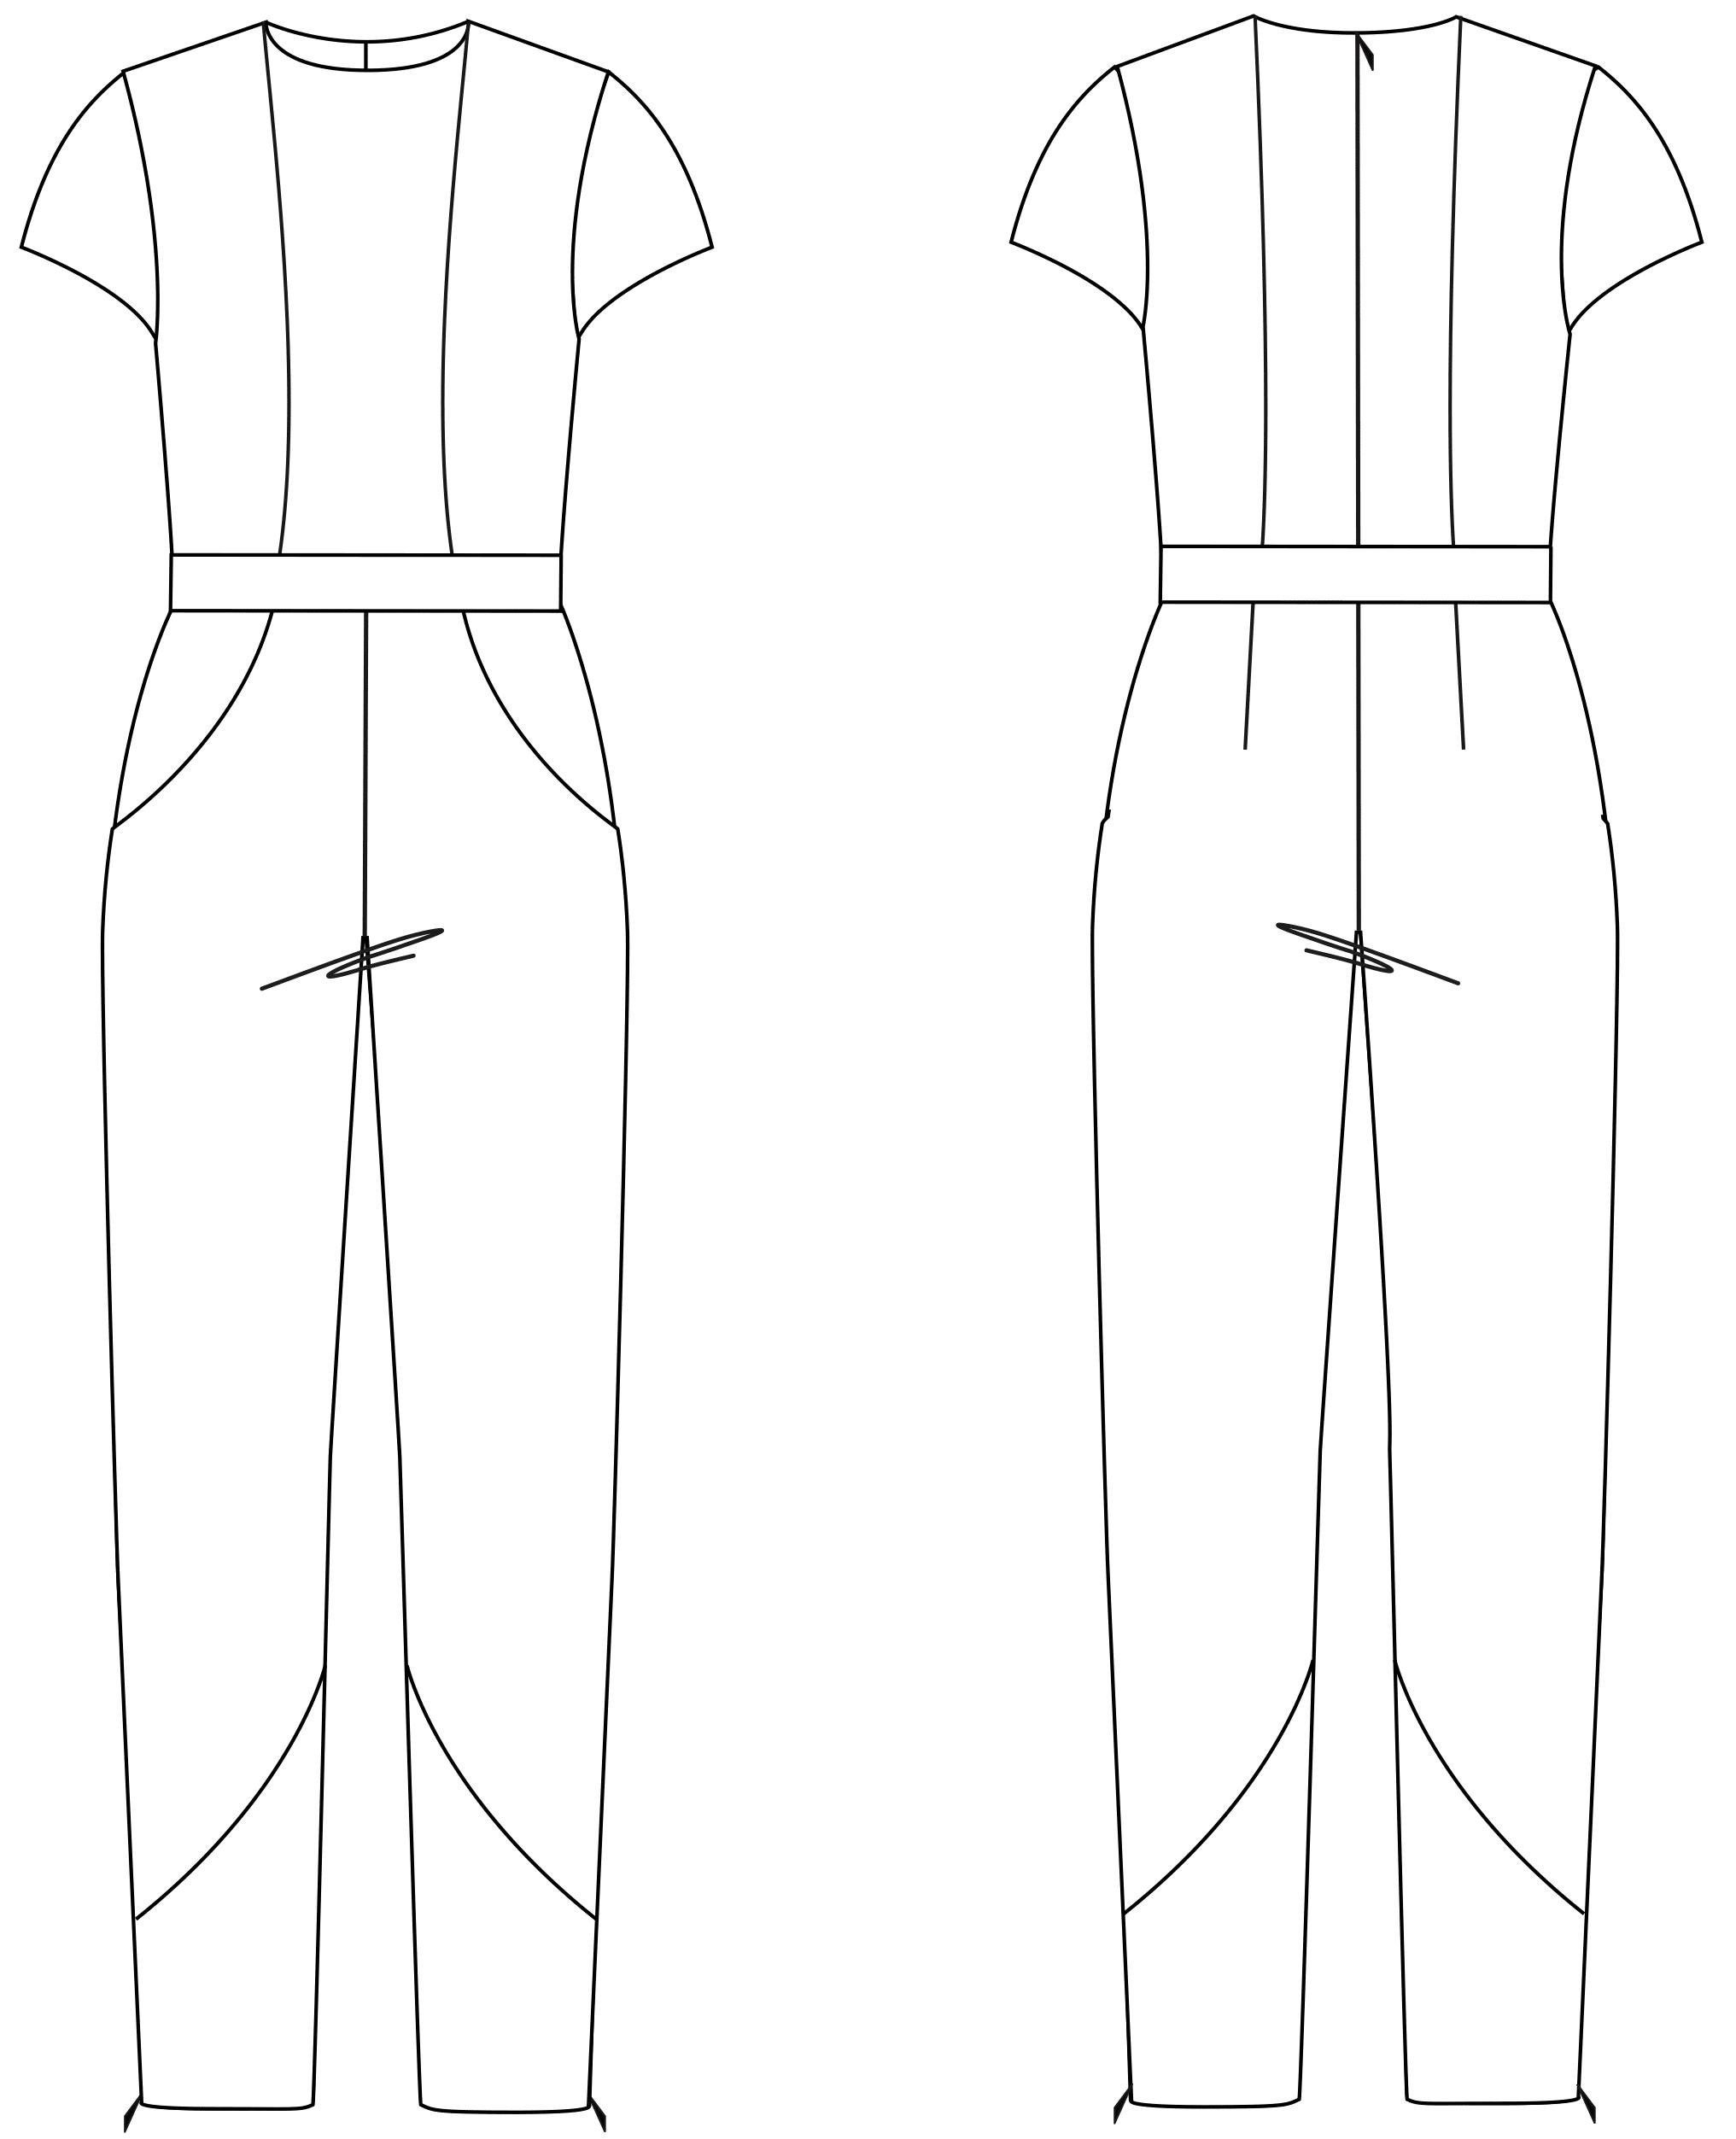 Die Vorder- und Rückansicht der technische Zeichnung eines Overalls ist zu sehen. Diesen Schnitt findet man auf einem Schnittmusterbogen.